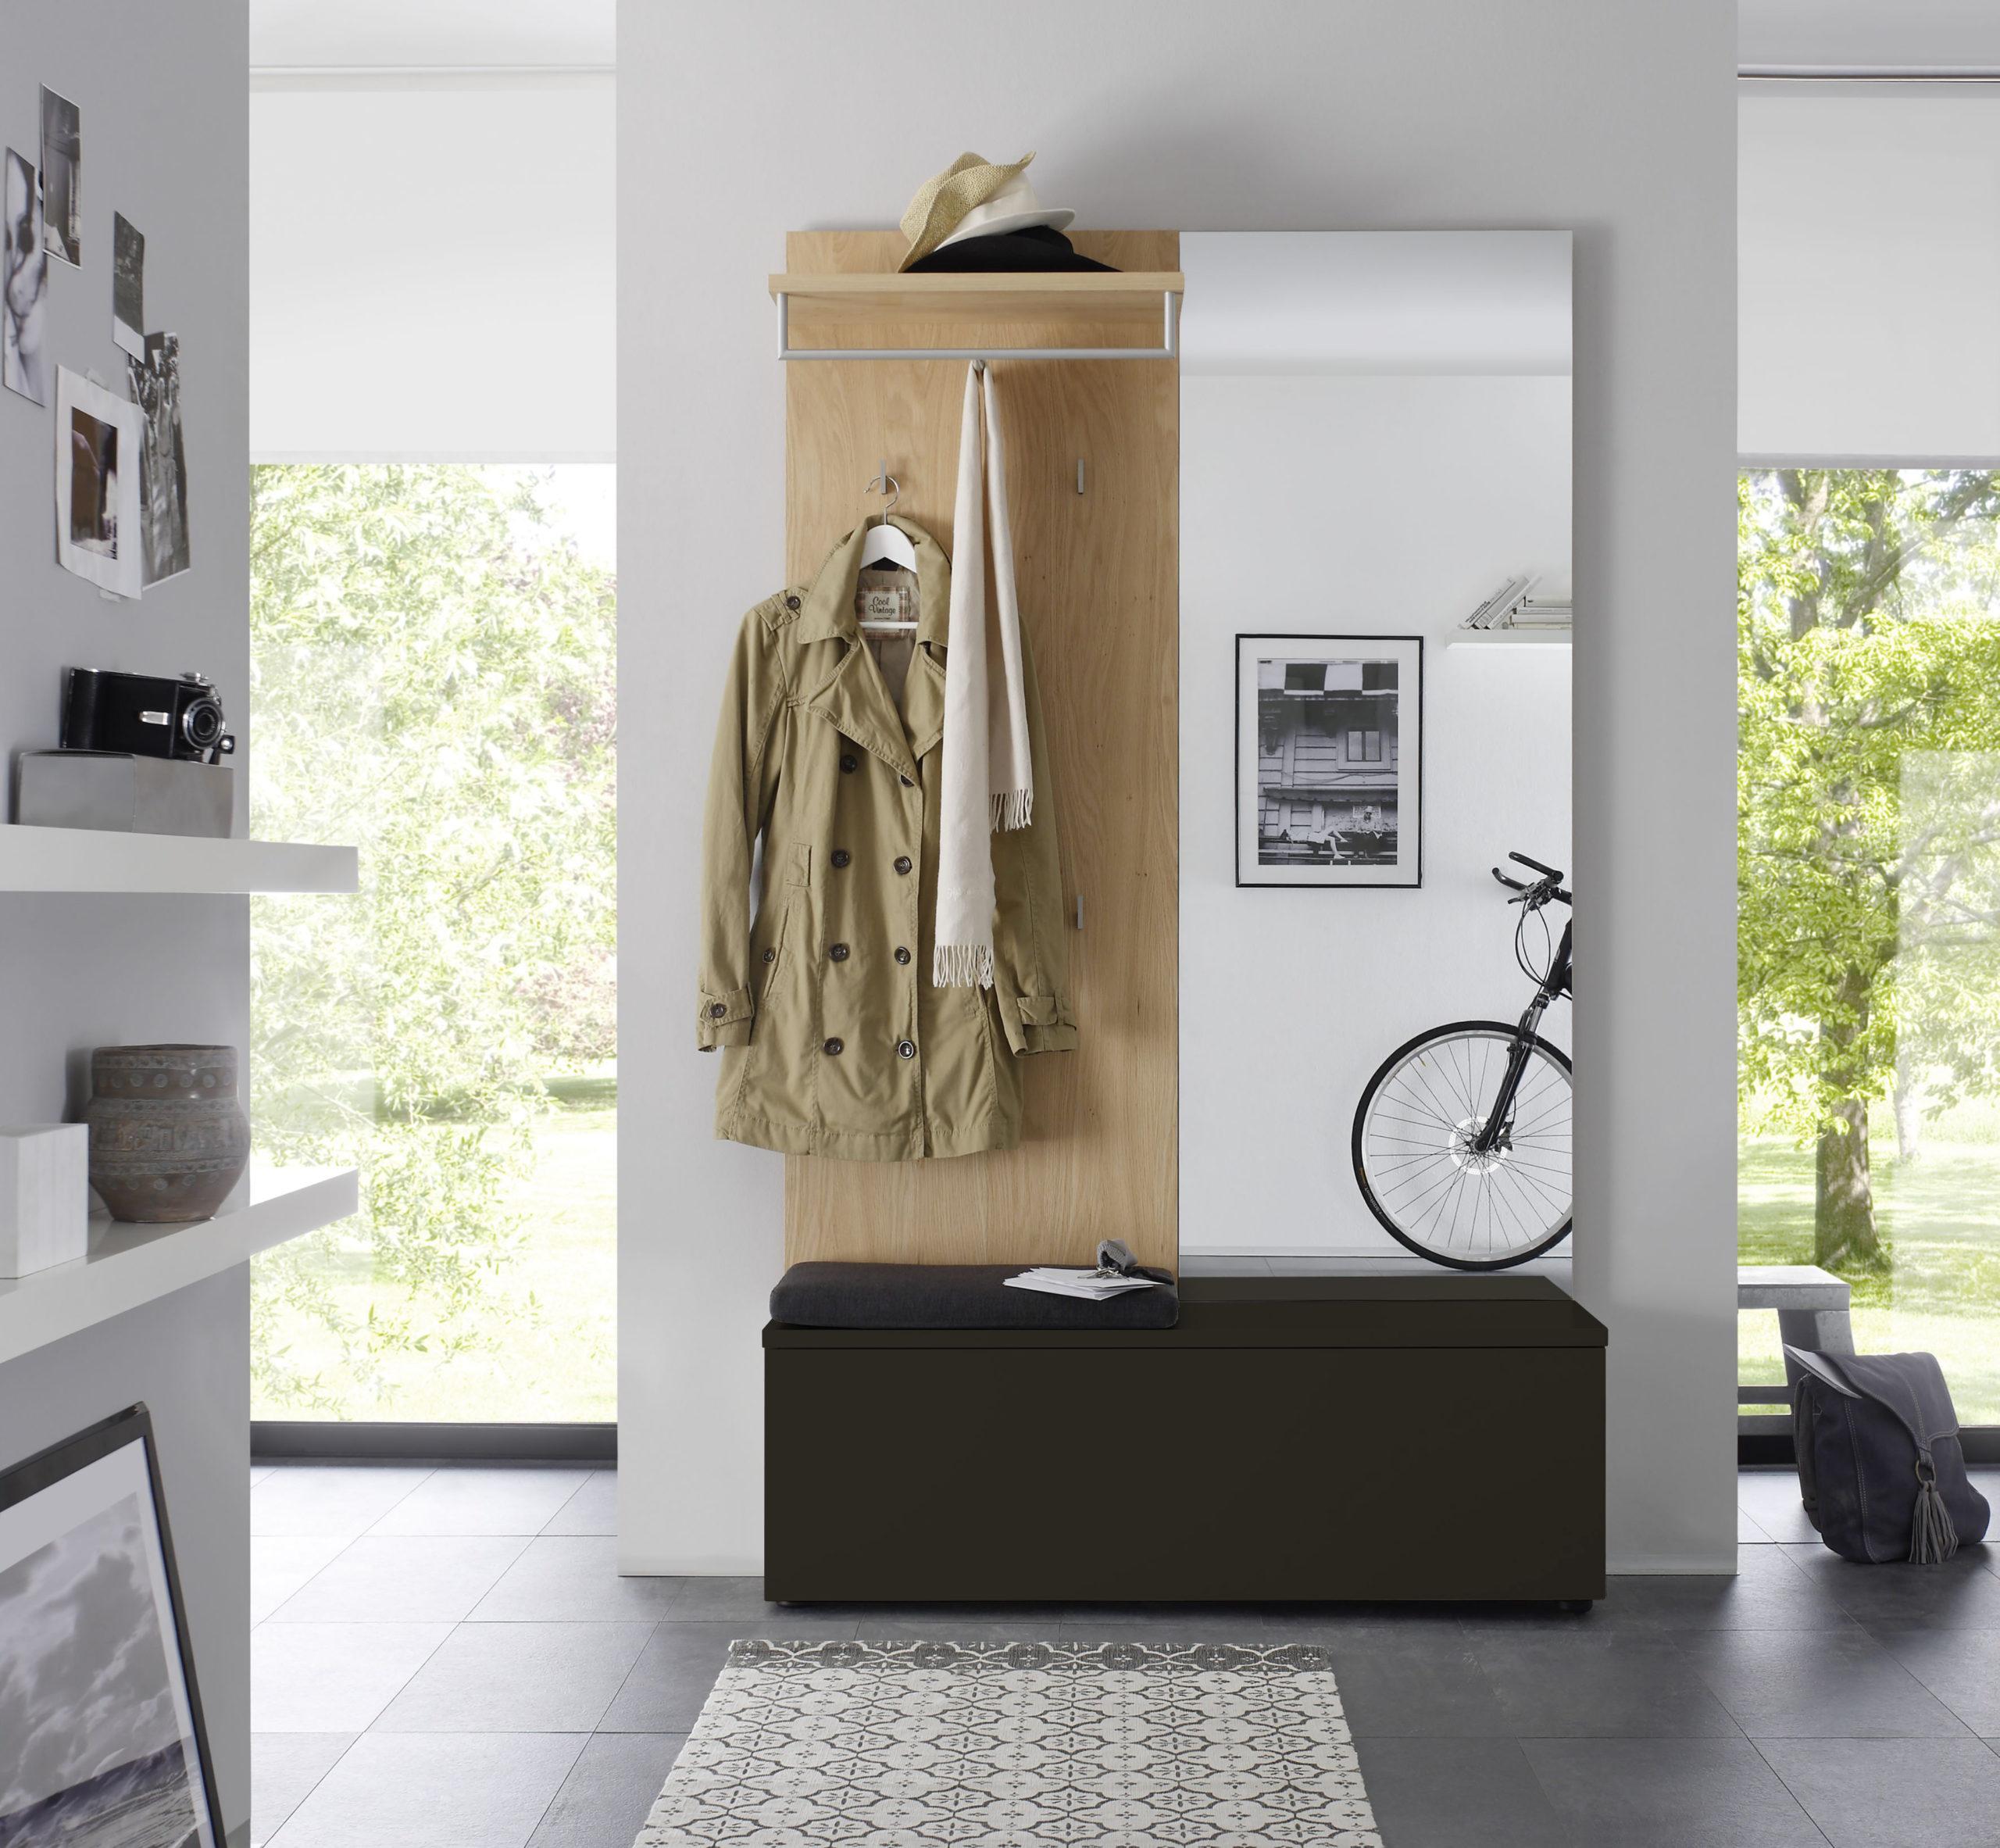 Sudbrock TANDO Garderobe in der Ausführung Ethno Eiche, Lack cosmos #436